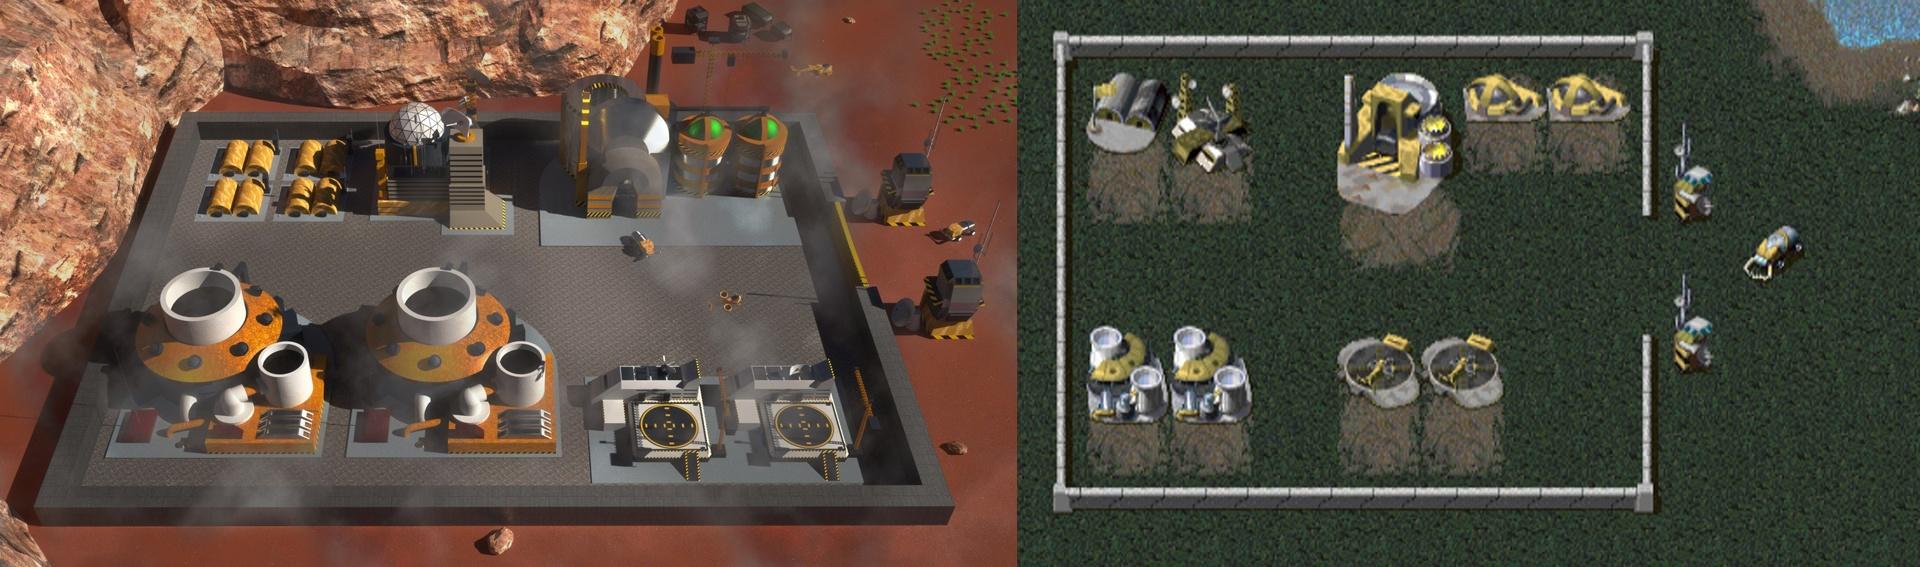 cnc1-base-comparison